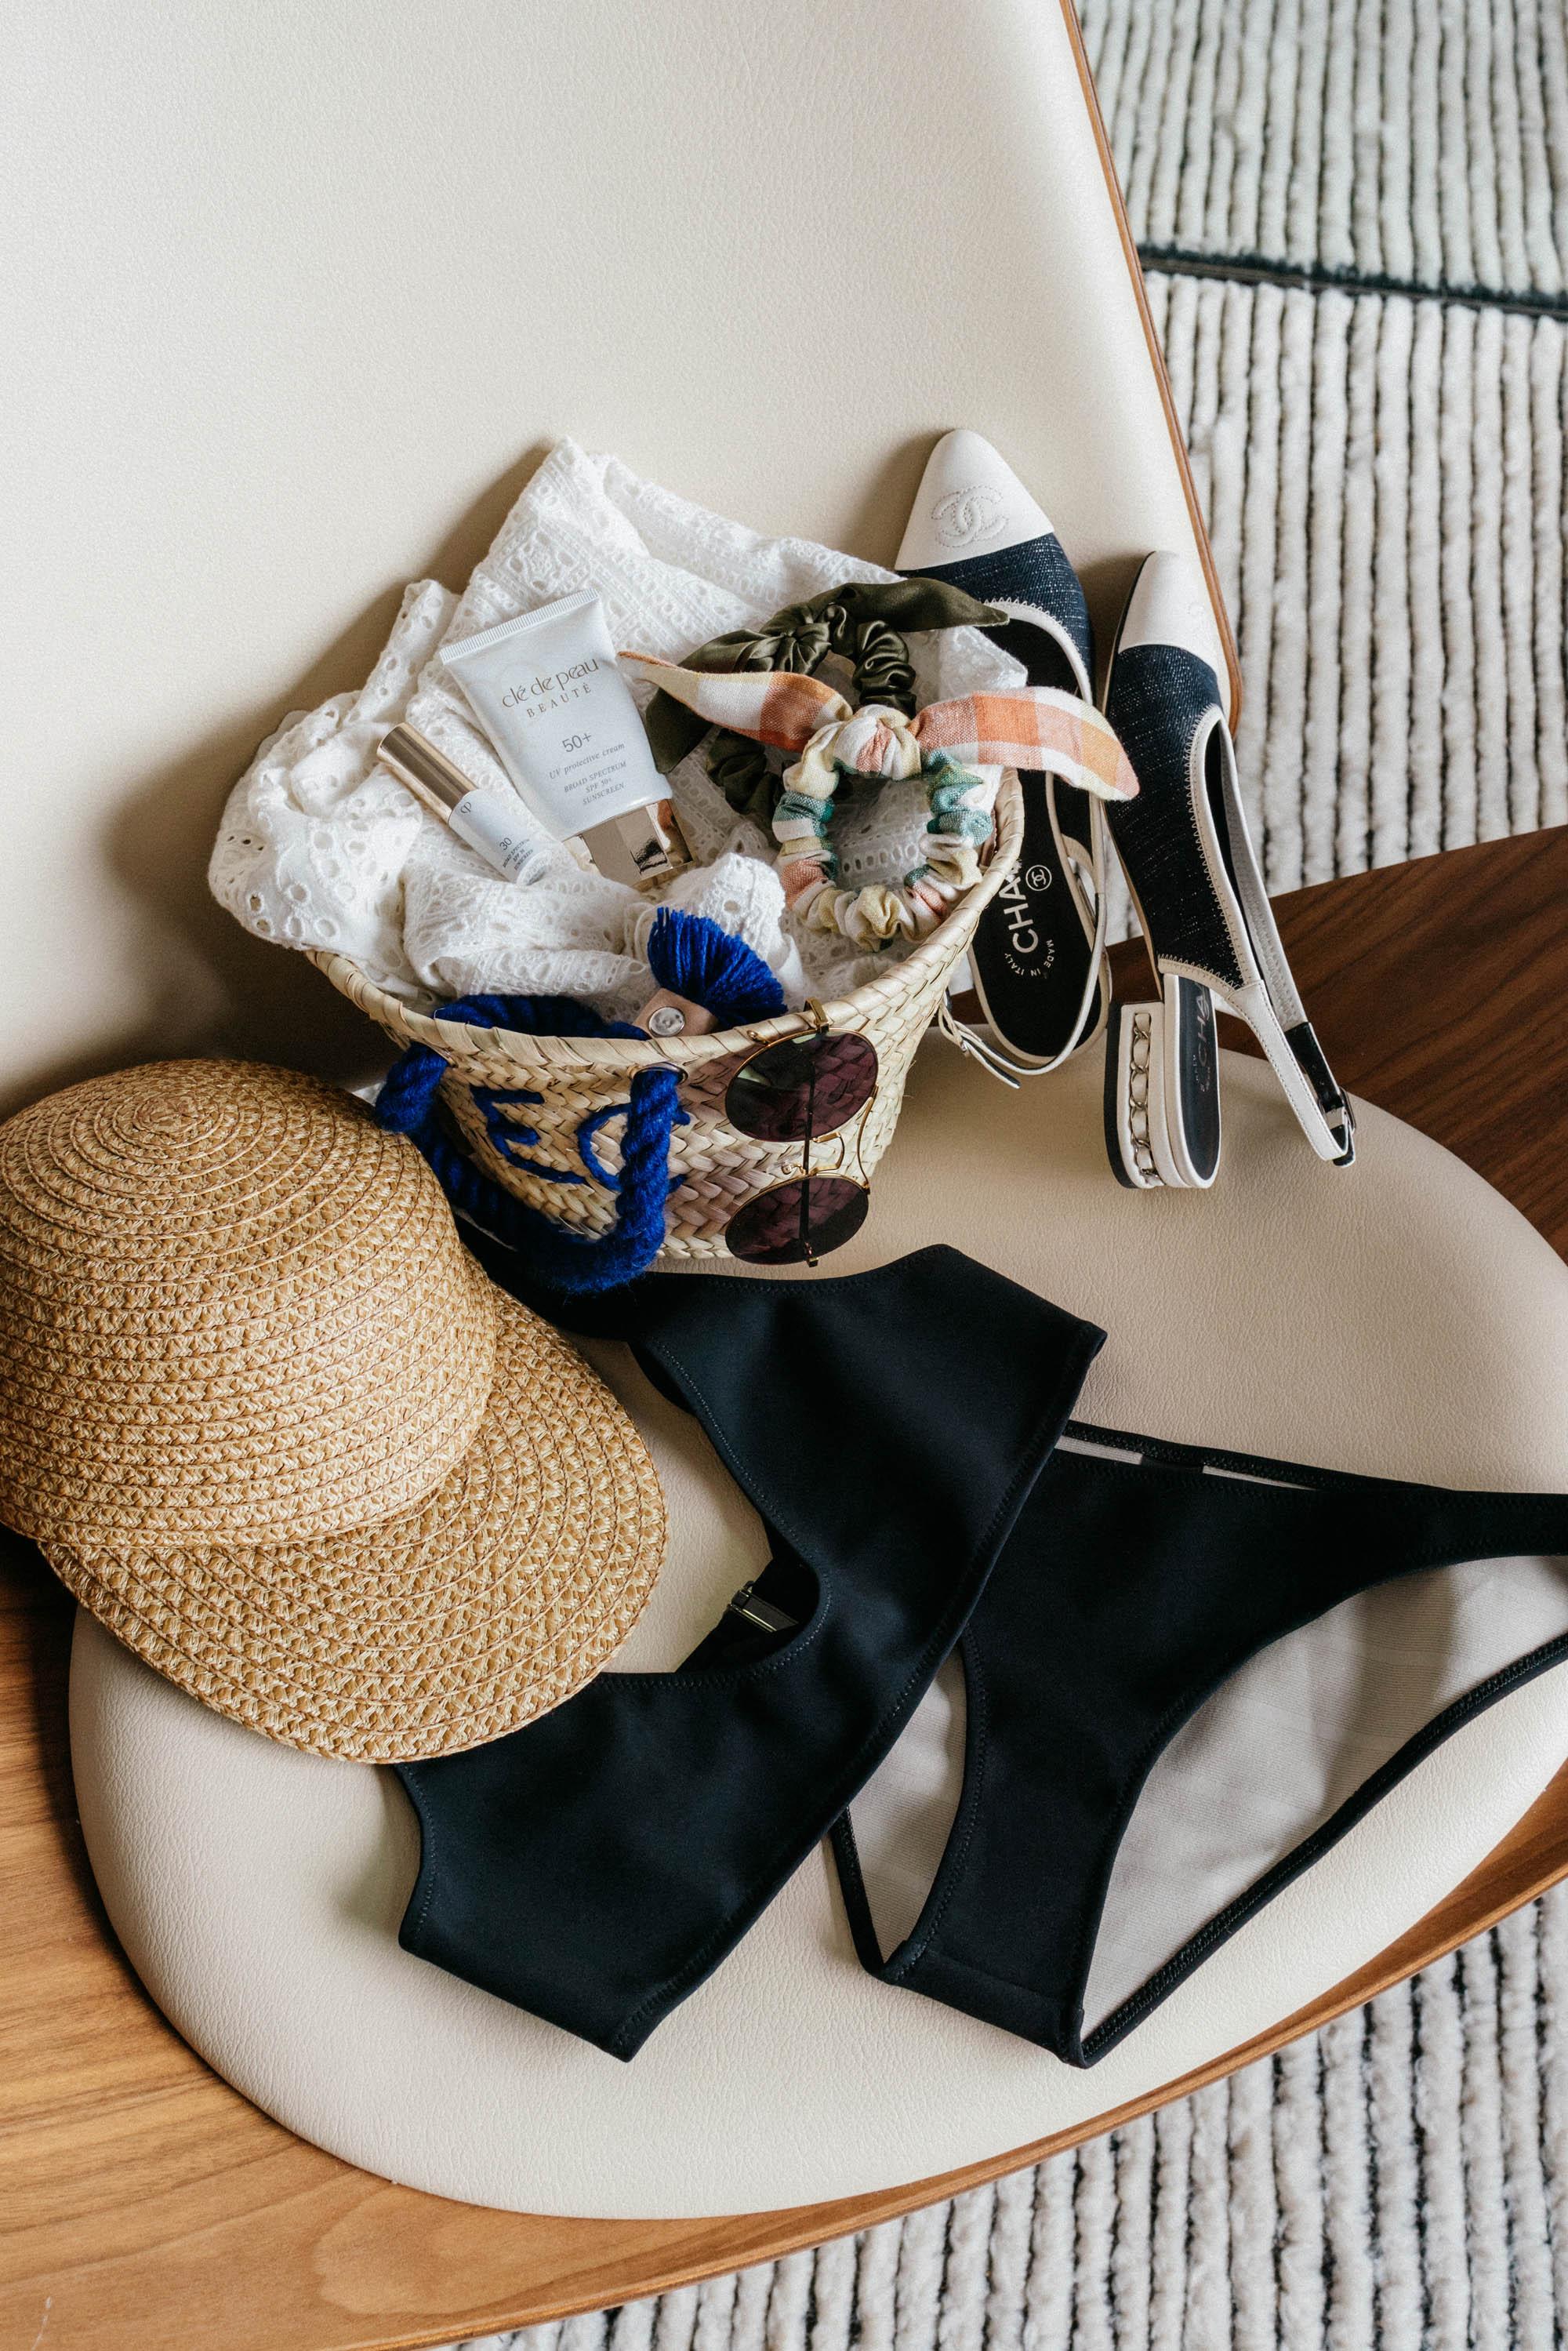 Poolside Bag ,  Clé de Peau Beatué Sunscreen ,  DONNI. Scrunchies , Chanel Shoes,  Eric Javits Hat ,  Rochelle Sara Swim